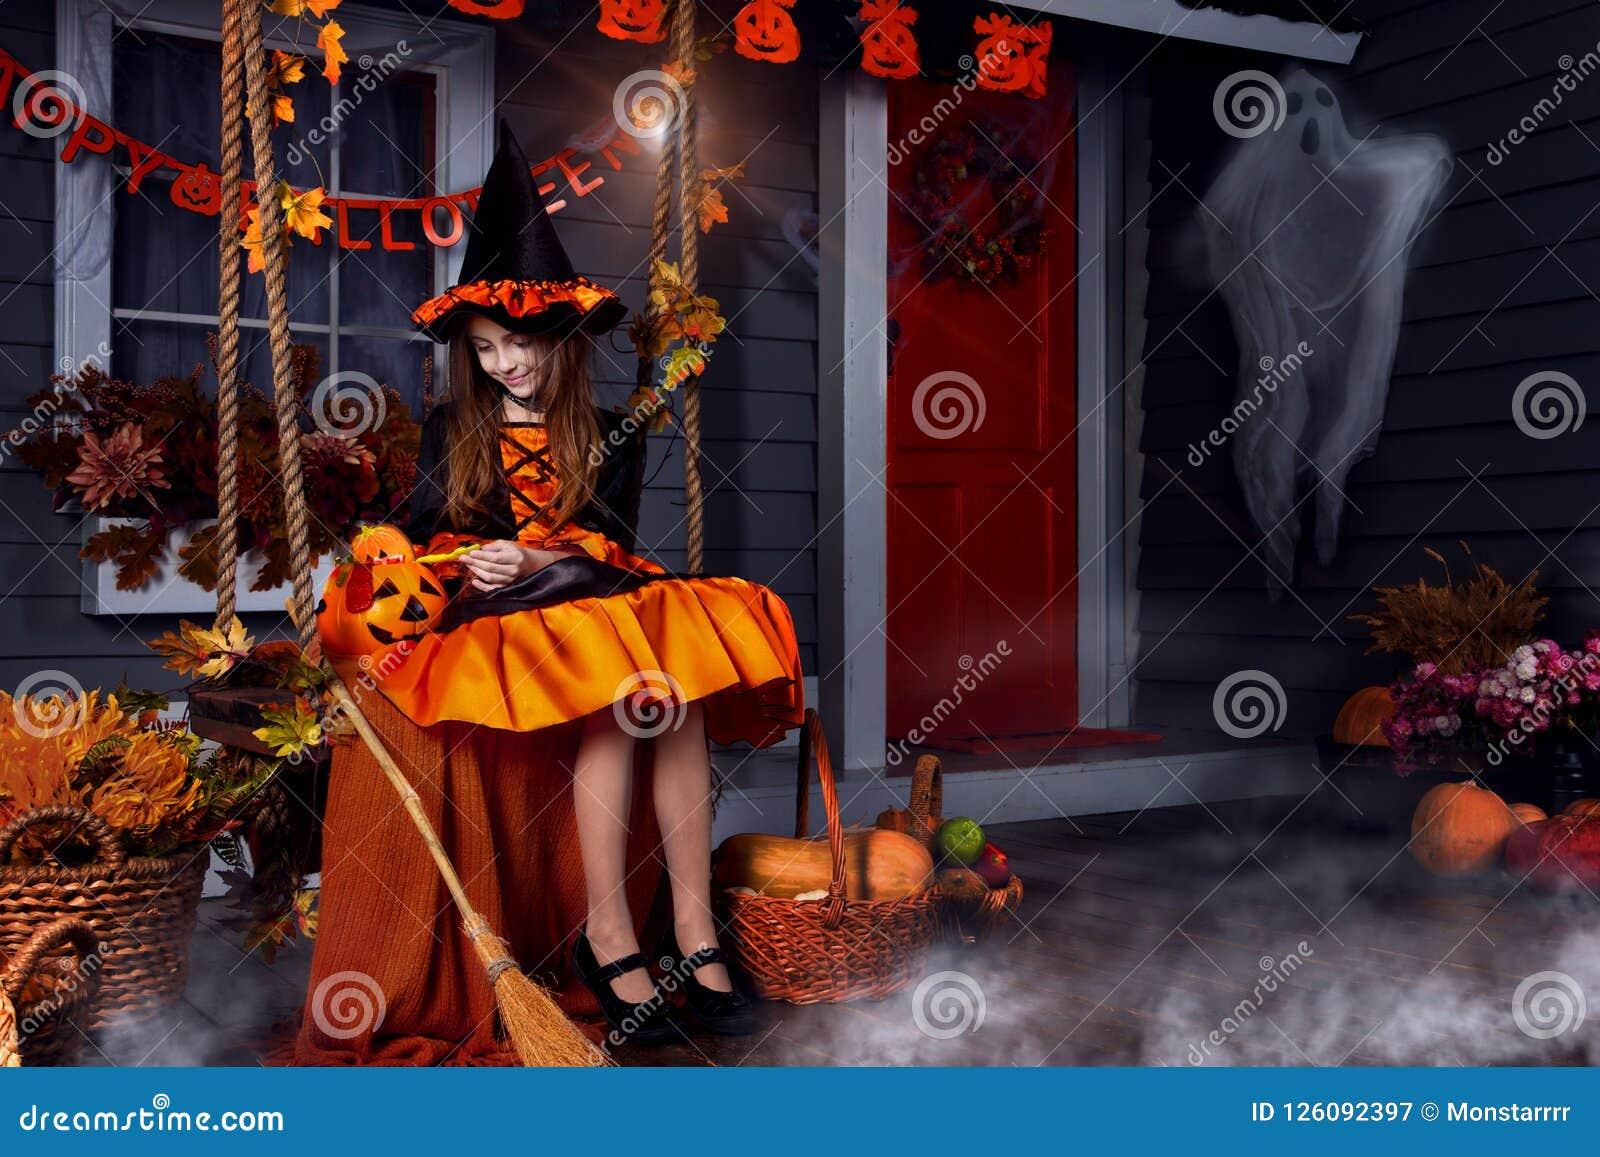 Scherzen Sie im Halloween-Hexenkostüm, das zu Halloween bereit ist